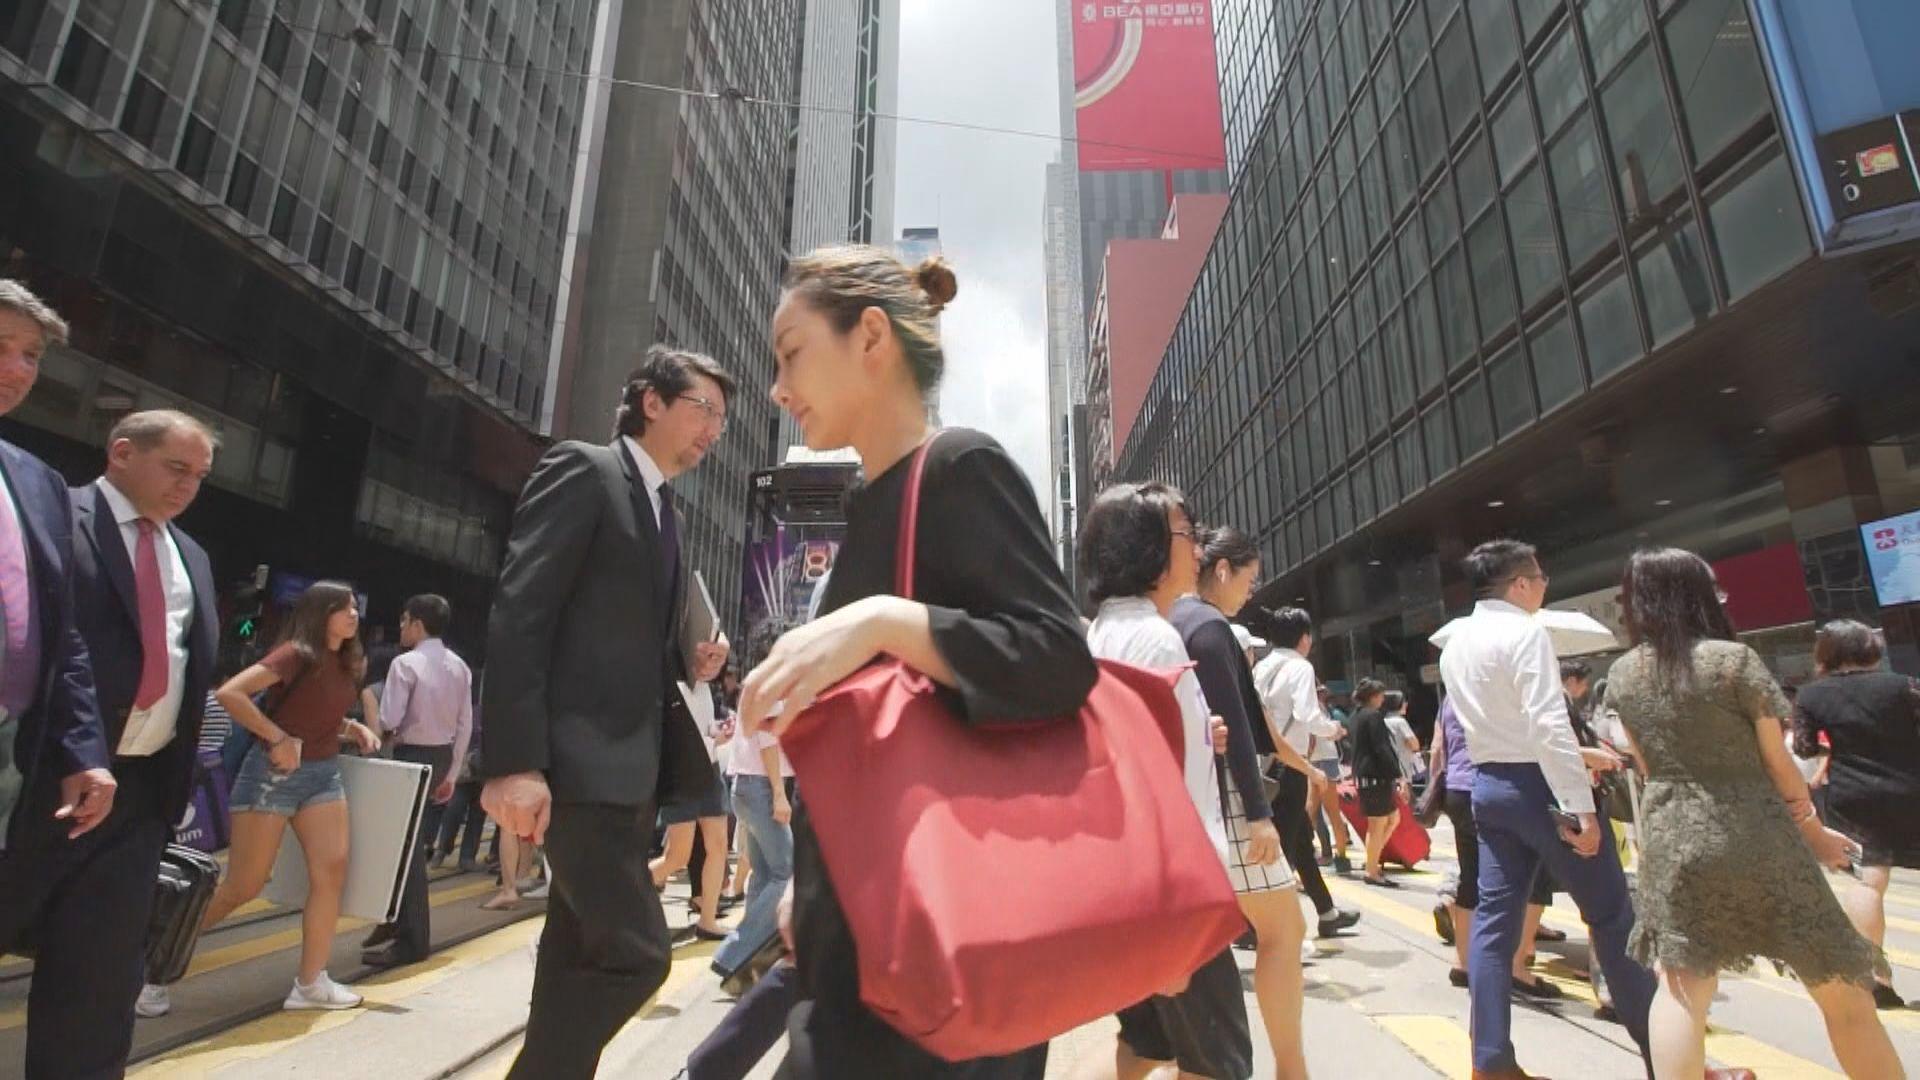 陳茂波︰社會事件未嚴重影響投資者信心